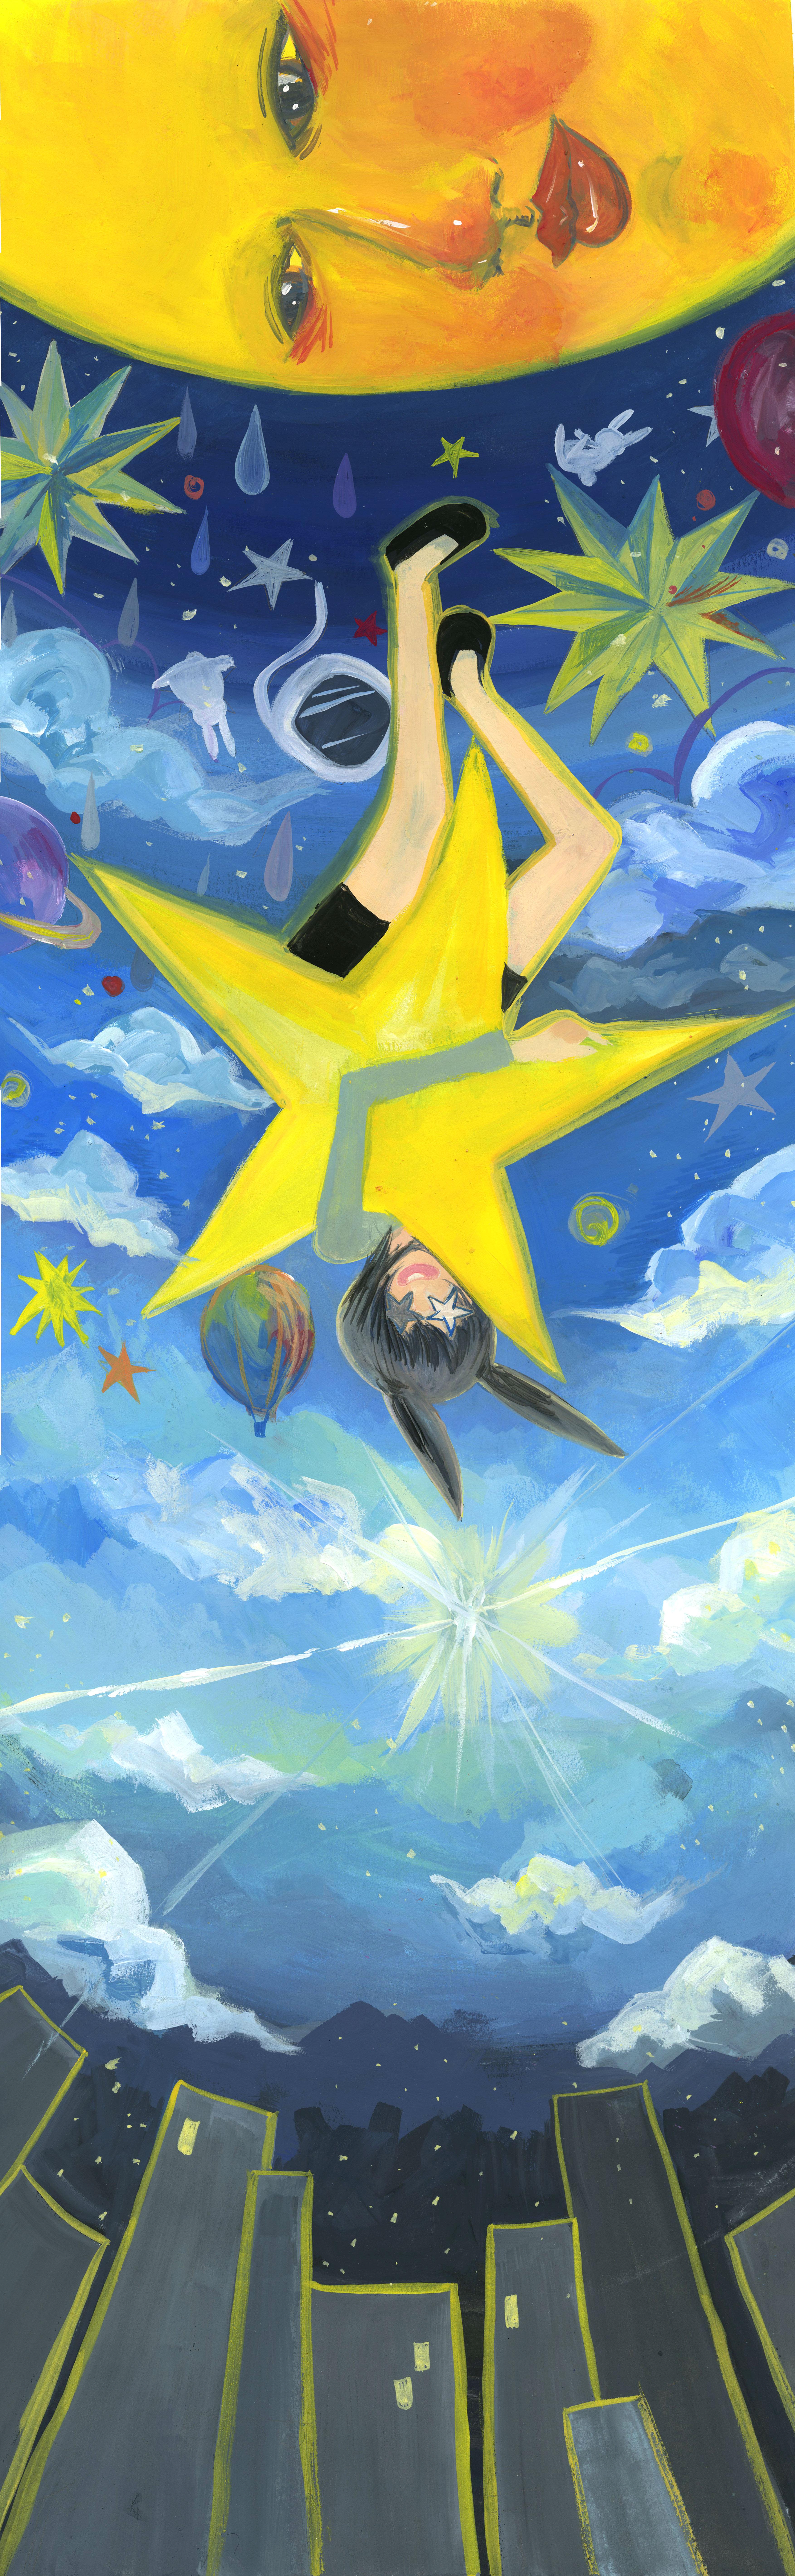 Star Faller